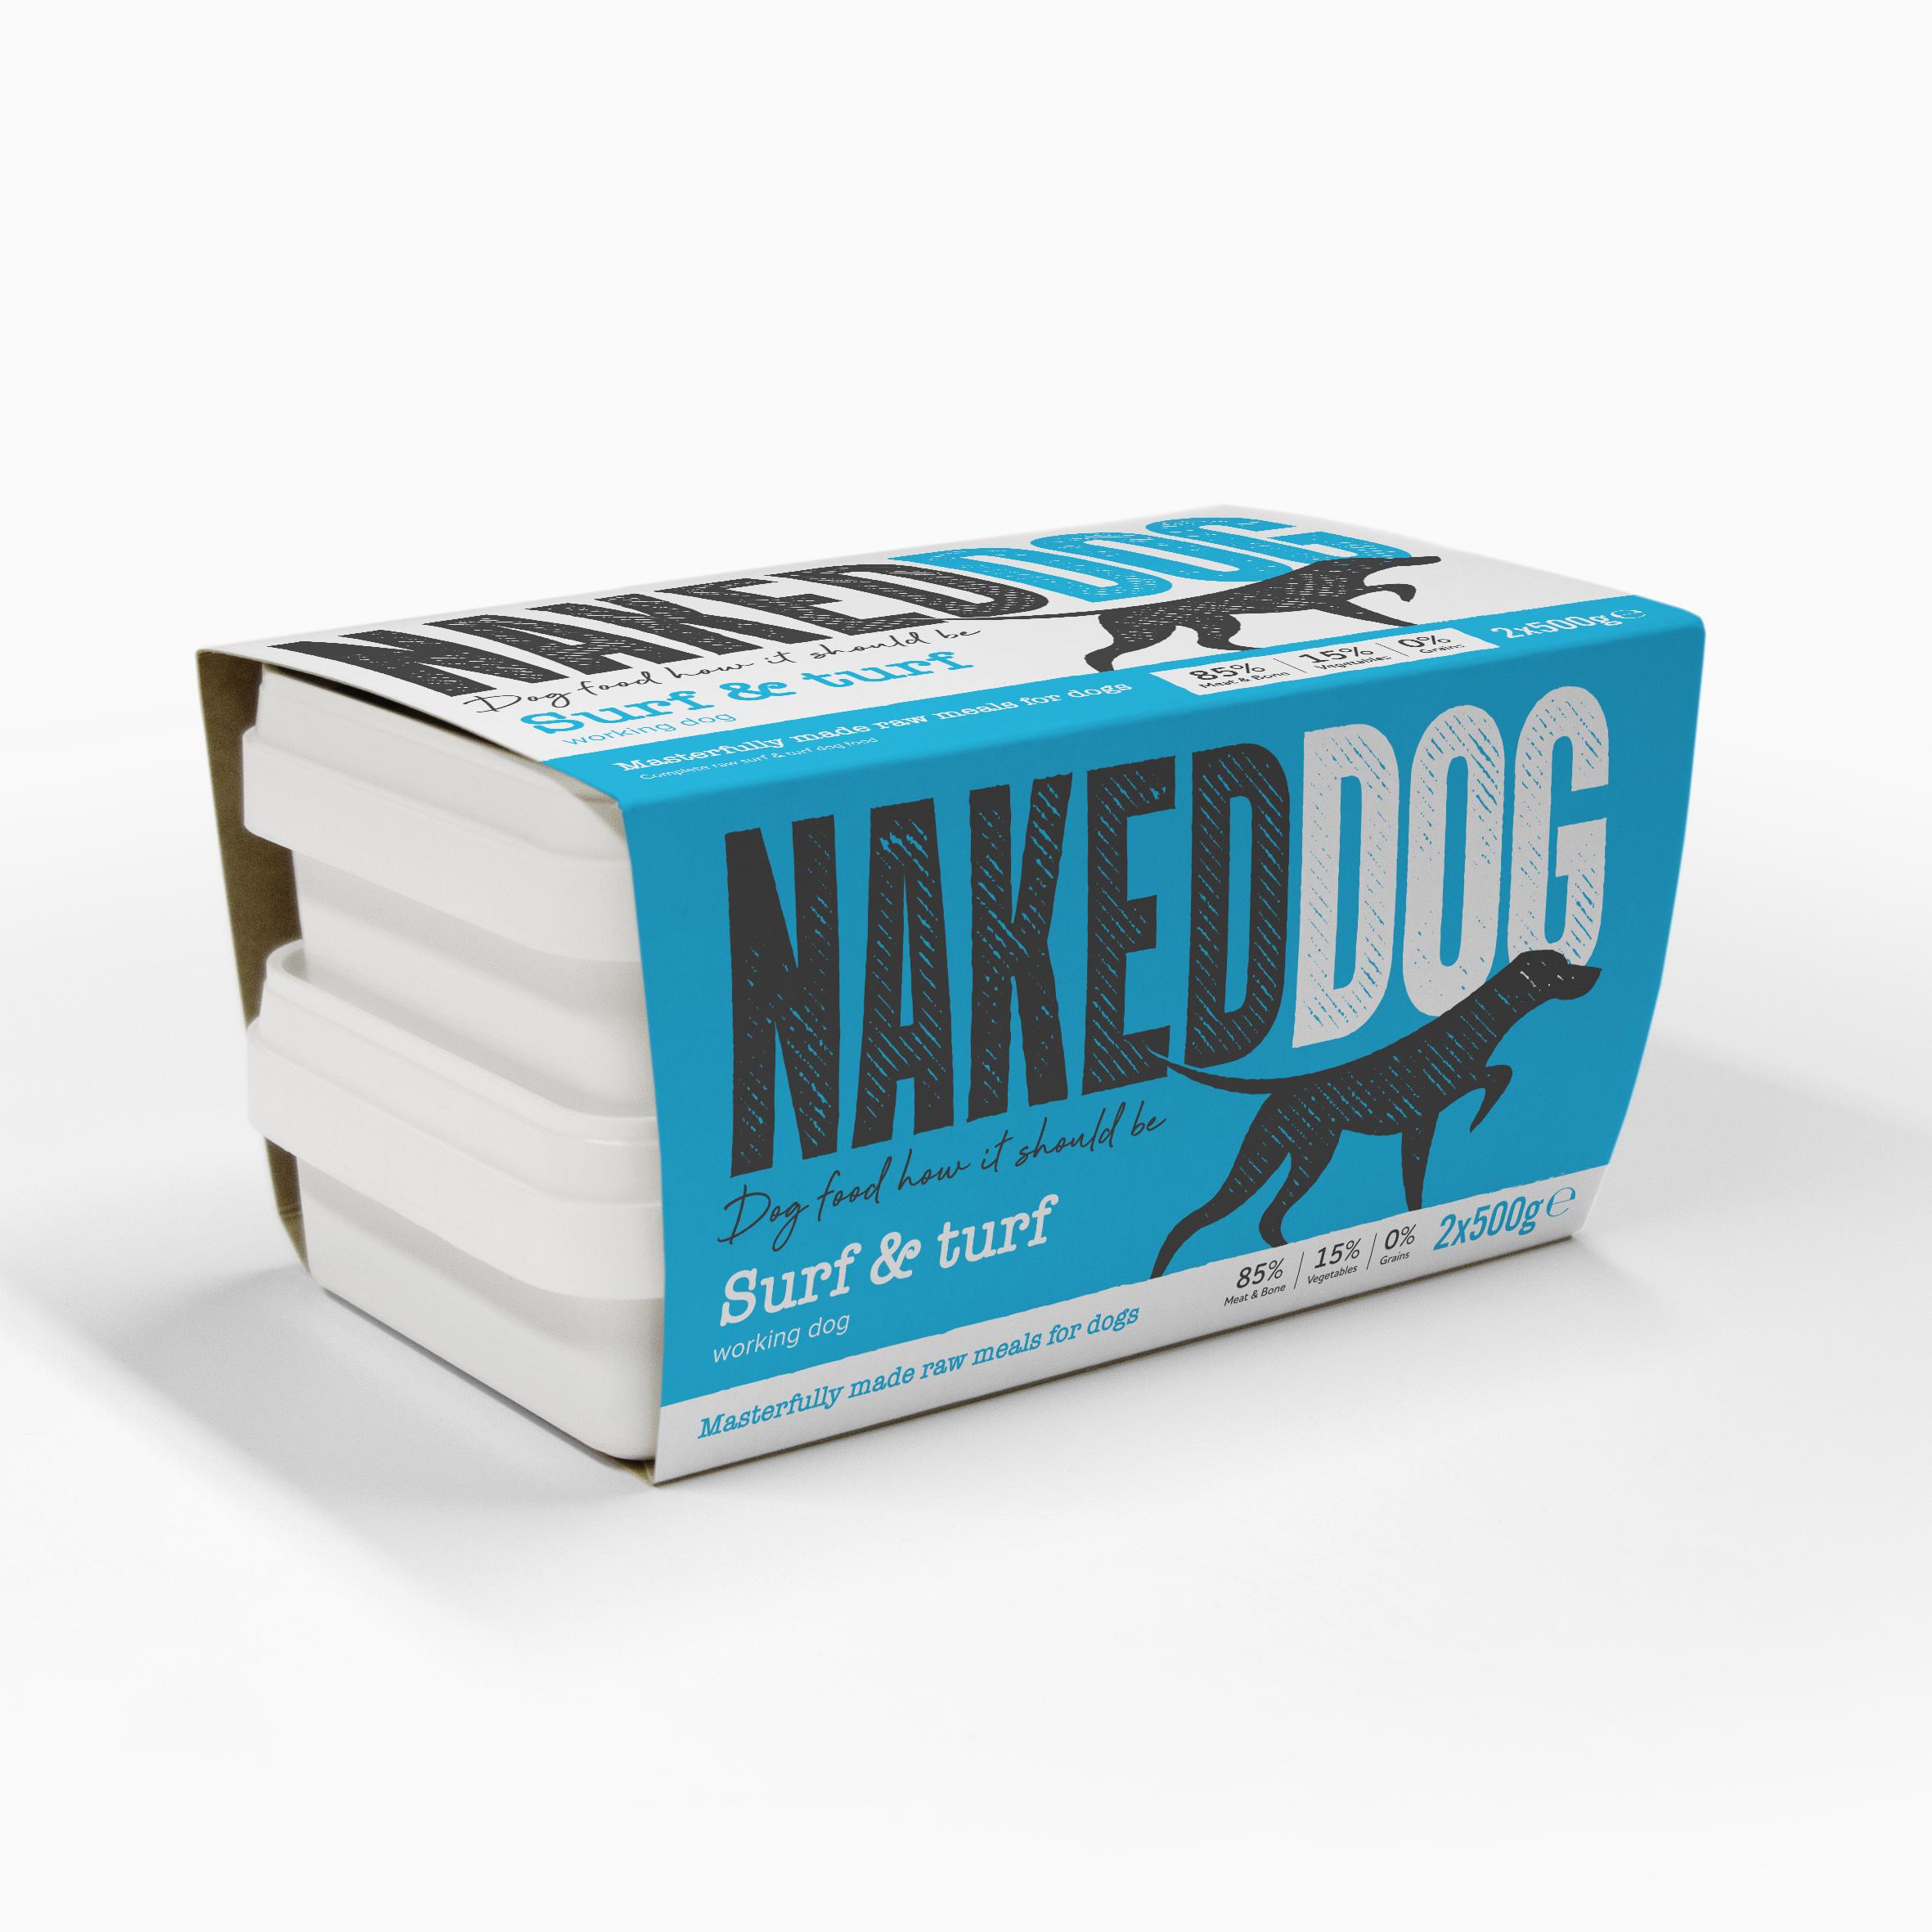 Naked Dog_product image-2x500g pack_Surf